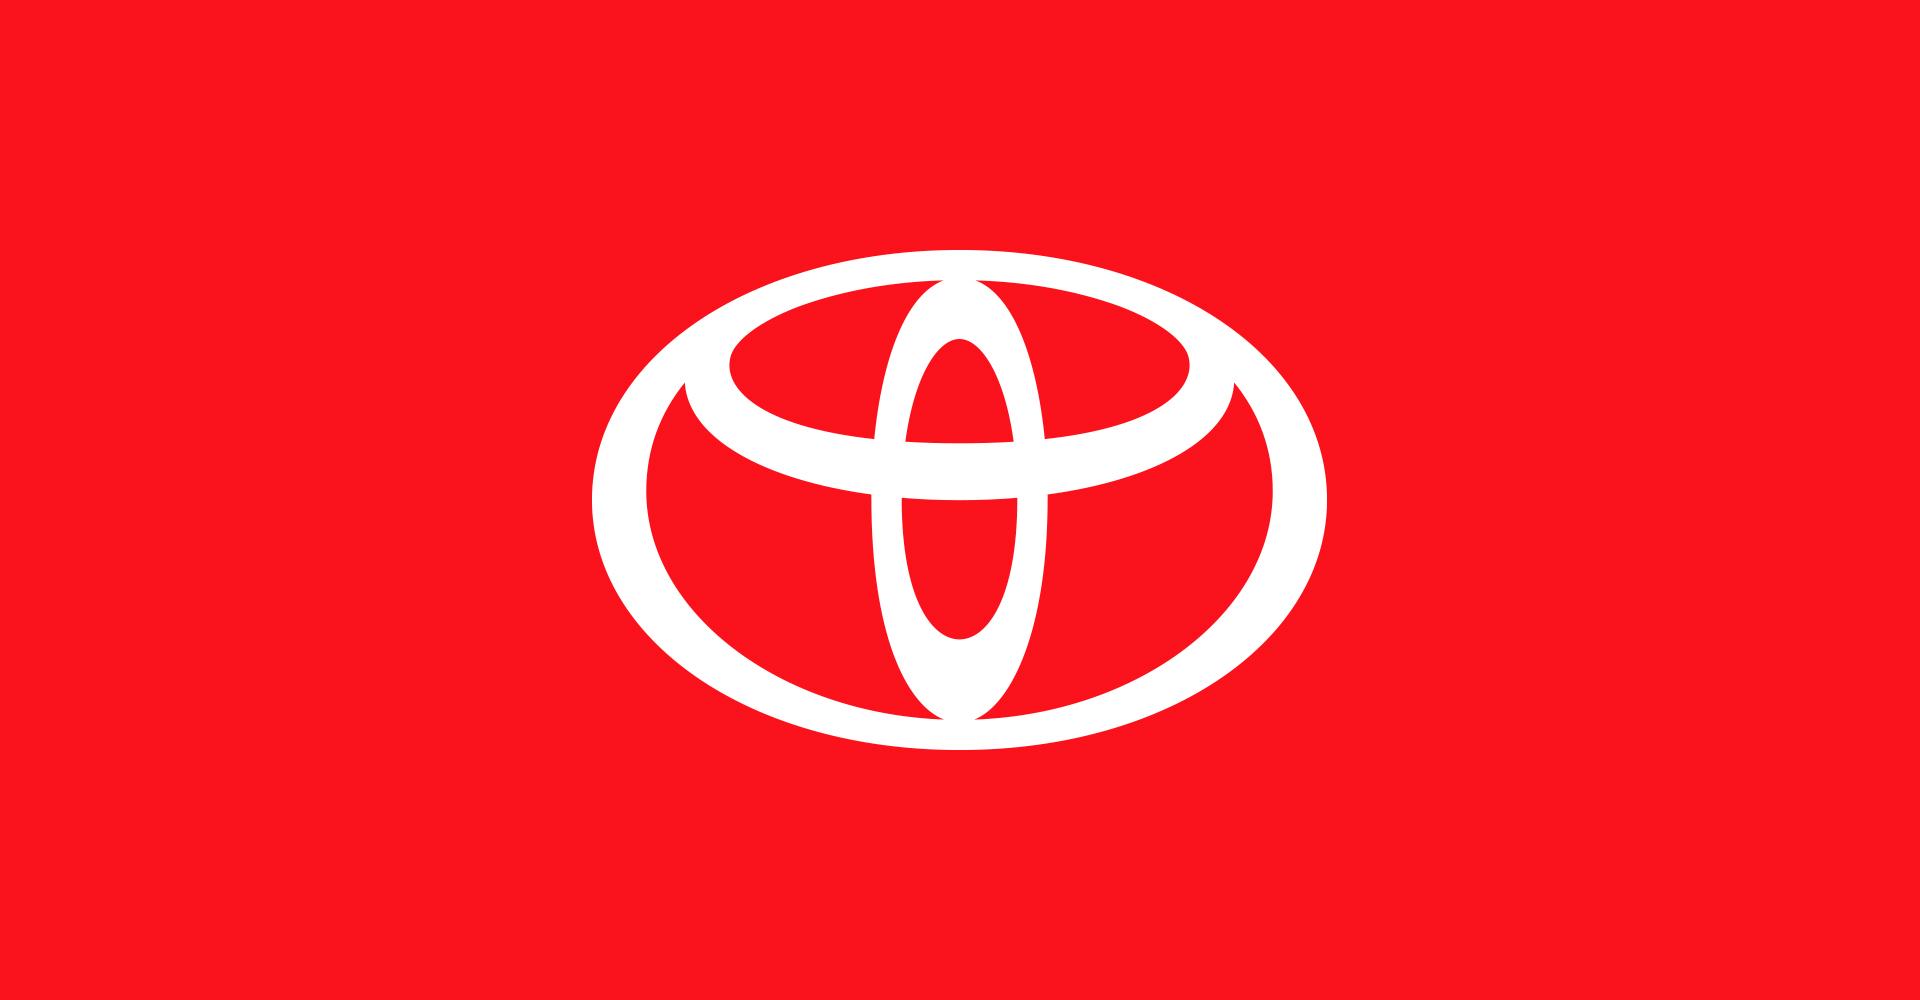 Toyota Identity System